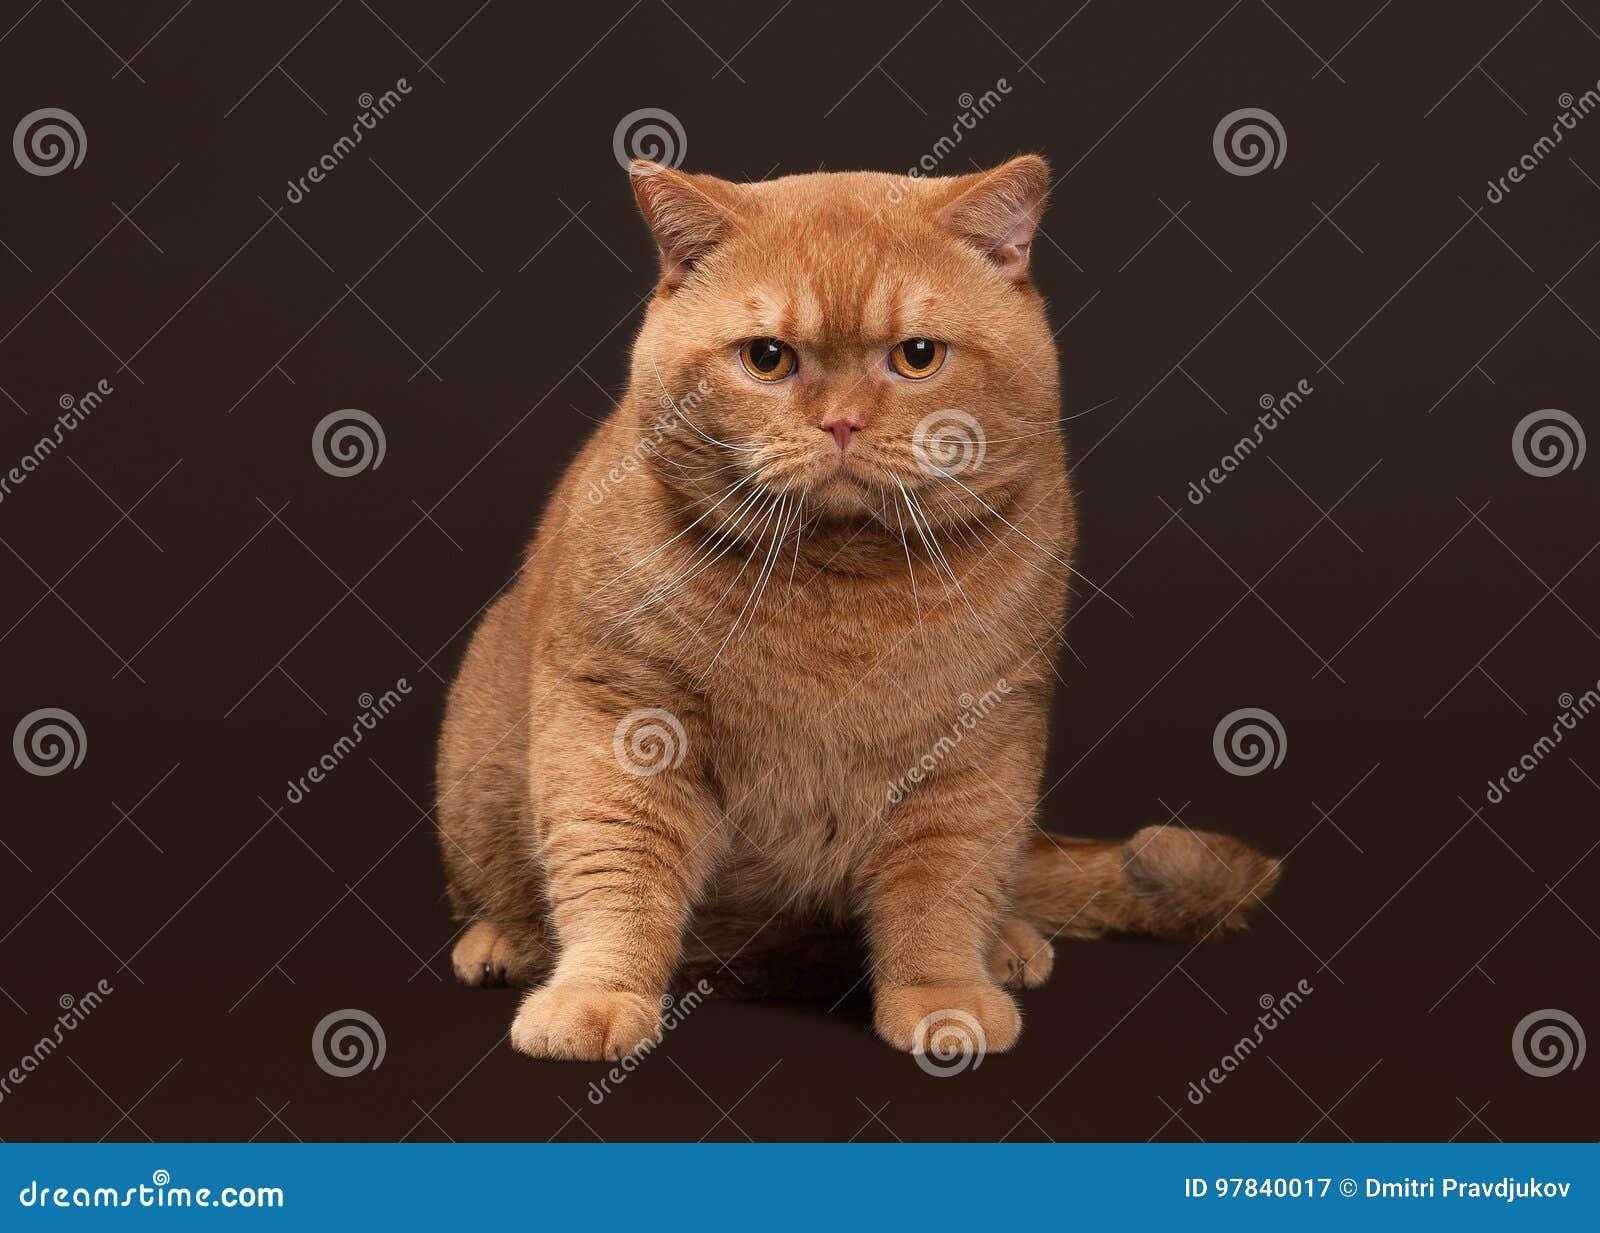 8b799934ce6d Γάτα Κόκκινη βρετανική αρσενική γάτα στο σκοτεινό καφετί υπόβαθρο ...